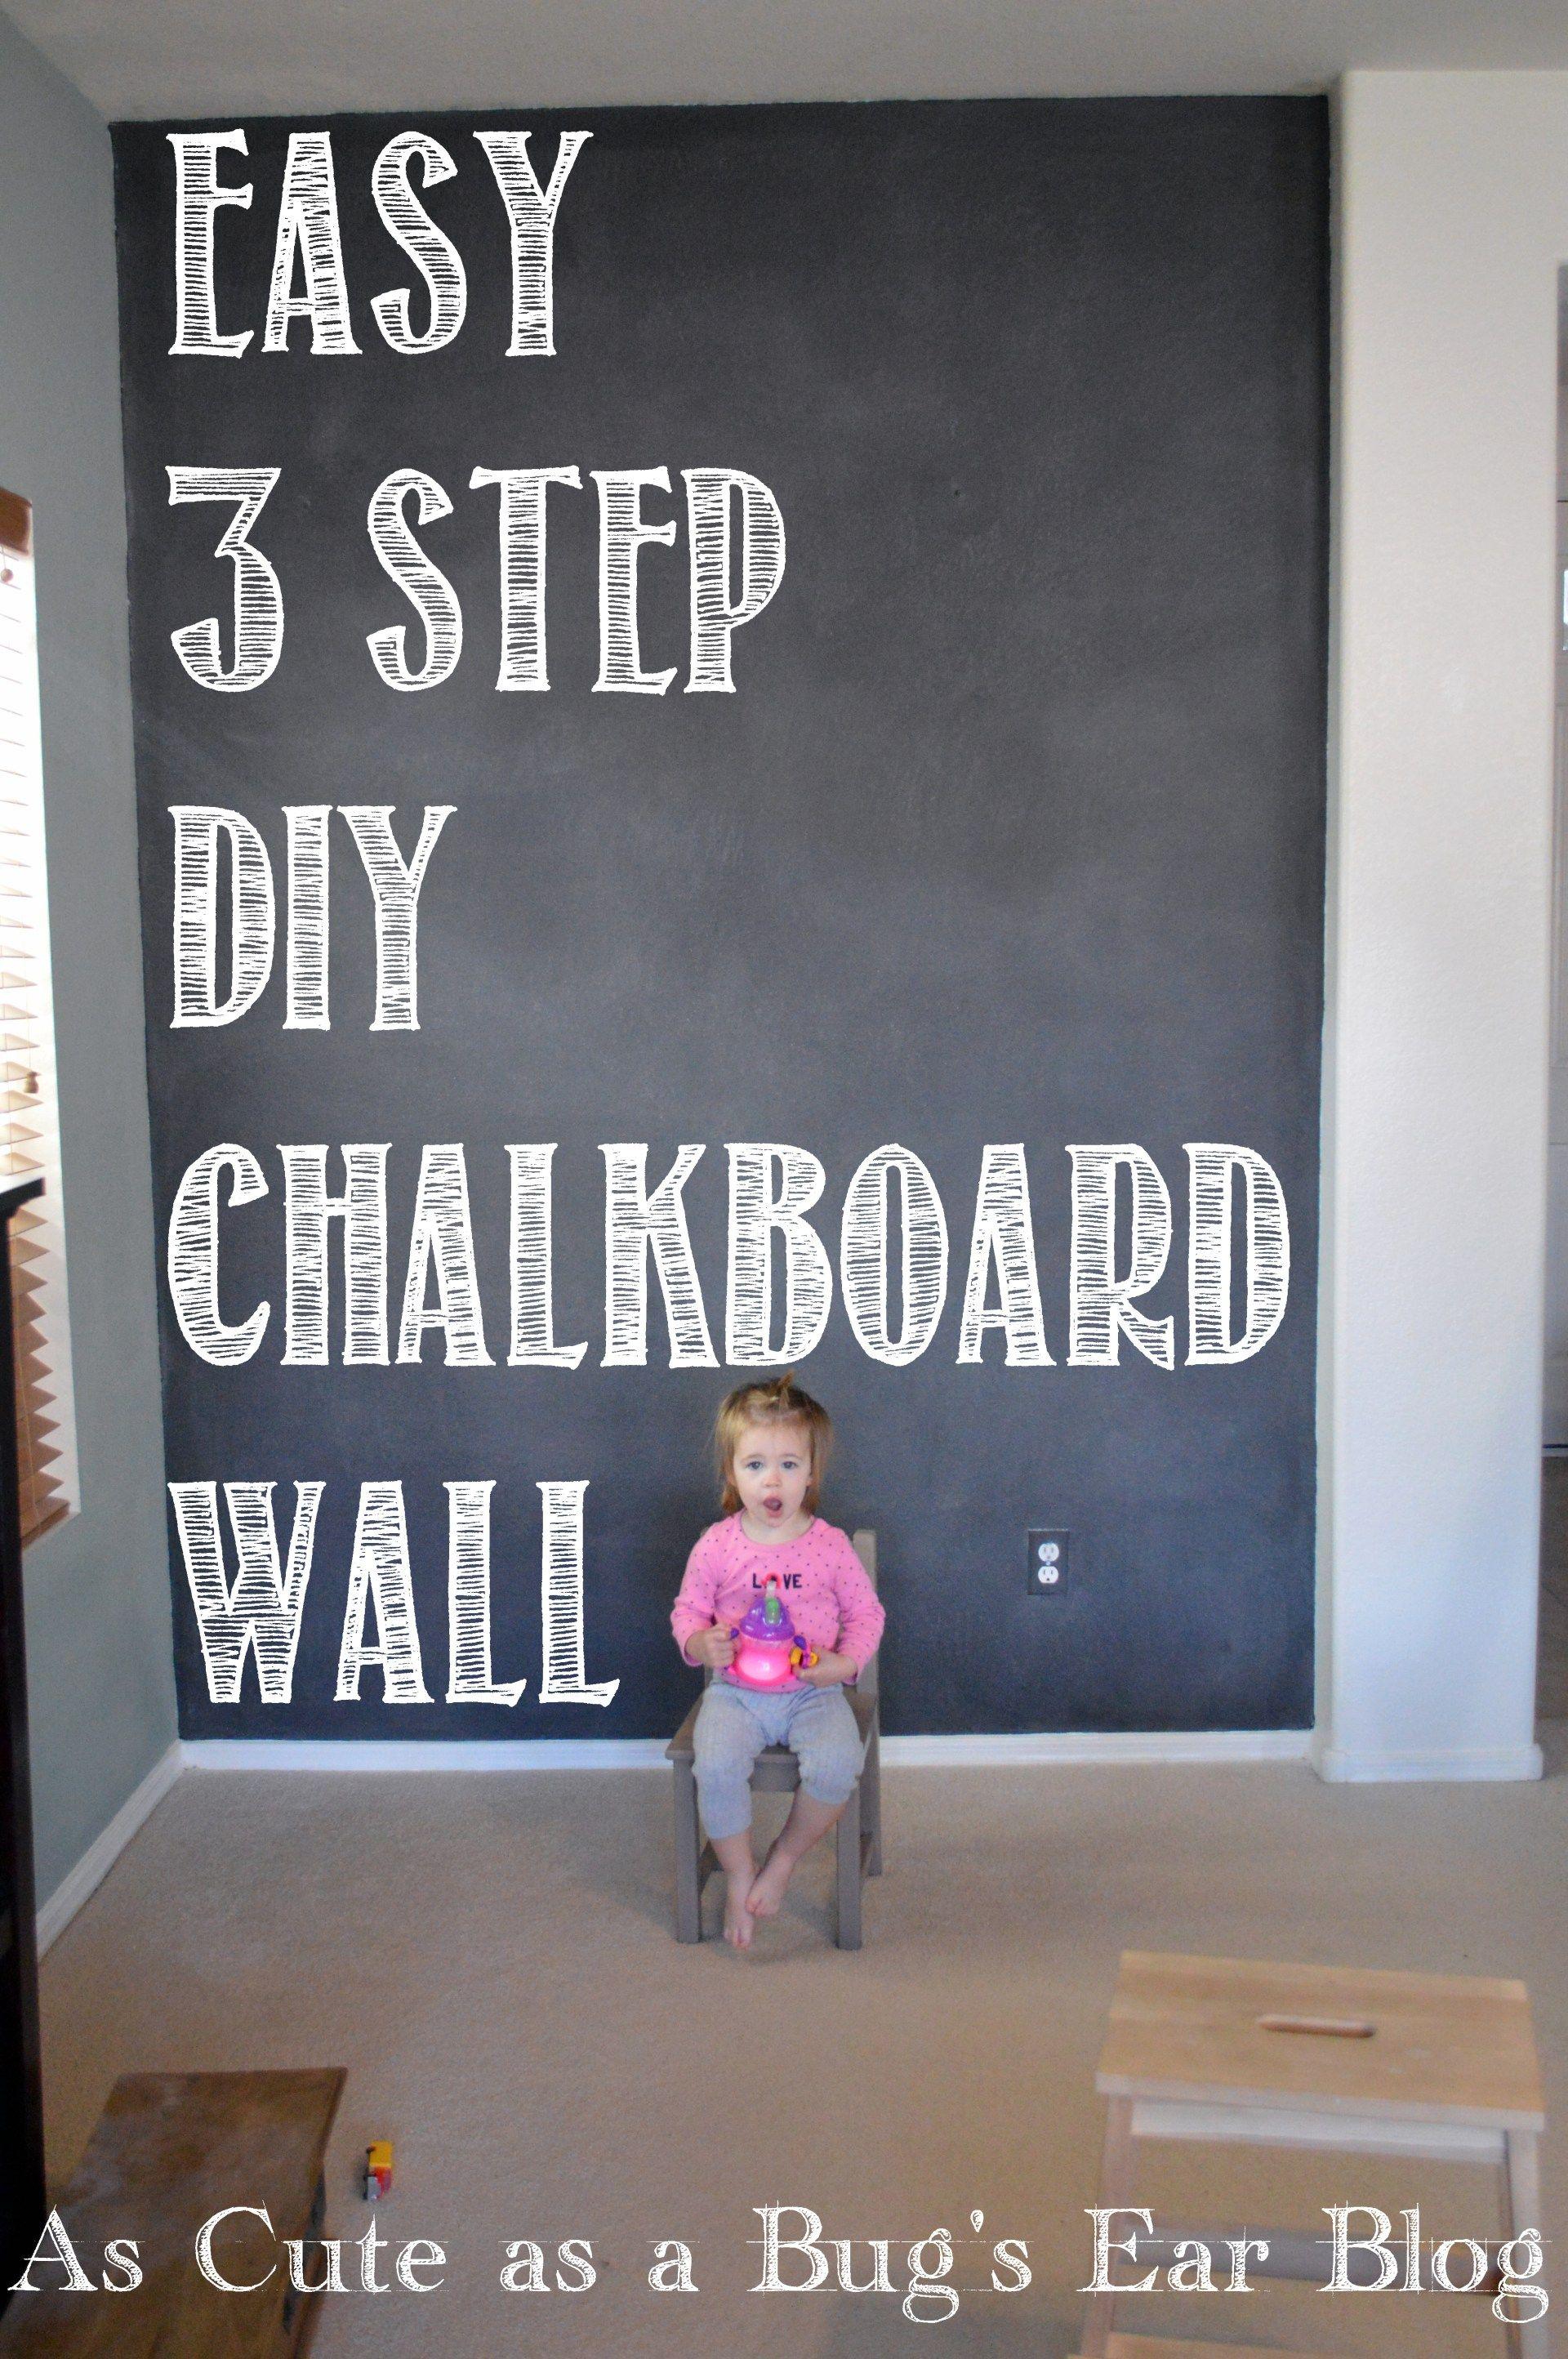 3 Easy Diy Storage Ideas For Small Kitchen: Easy 3 STEP DIY Chalkboard Wall -